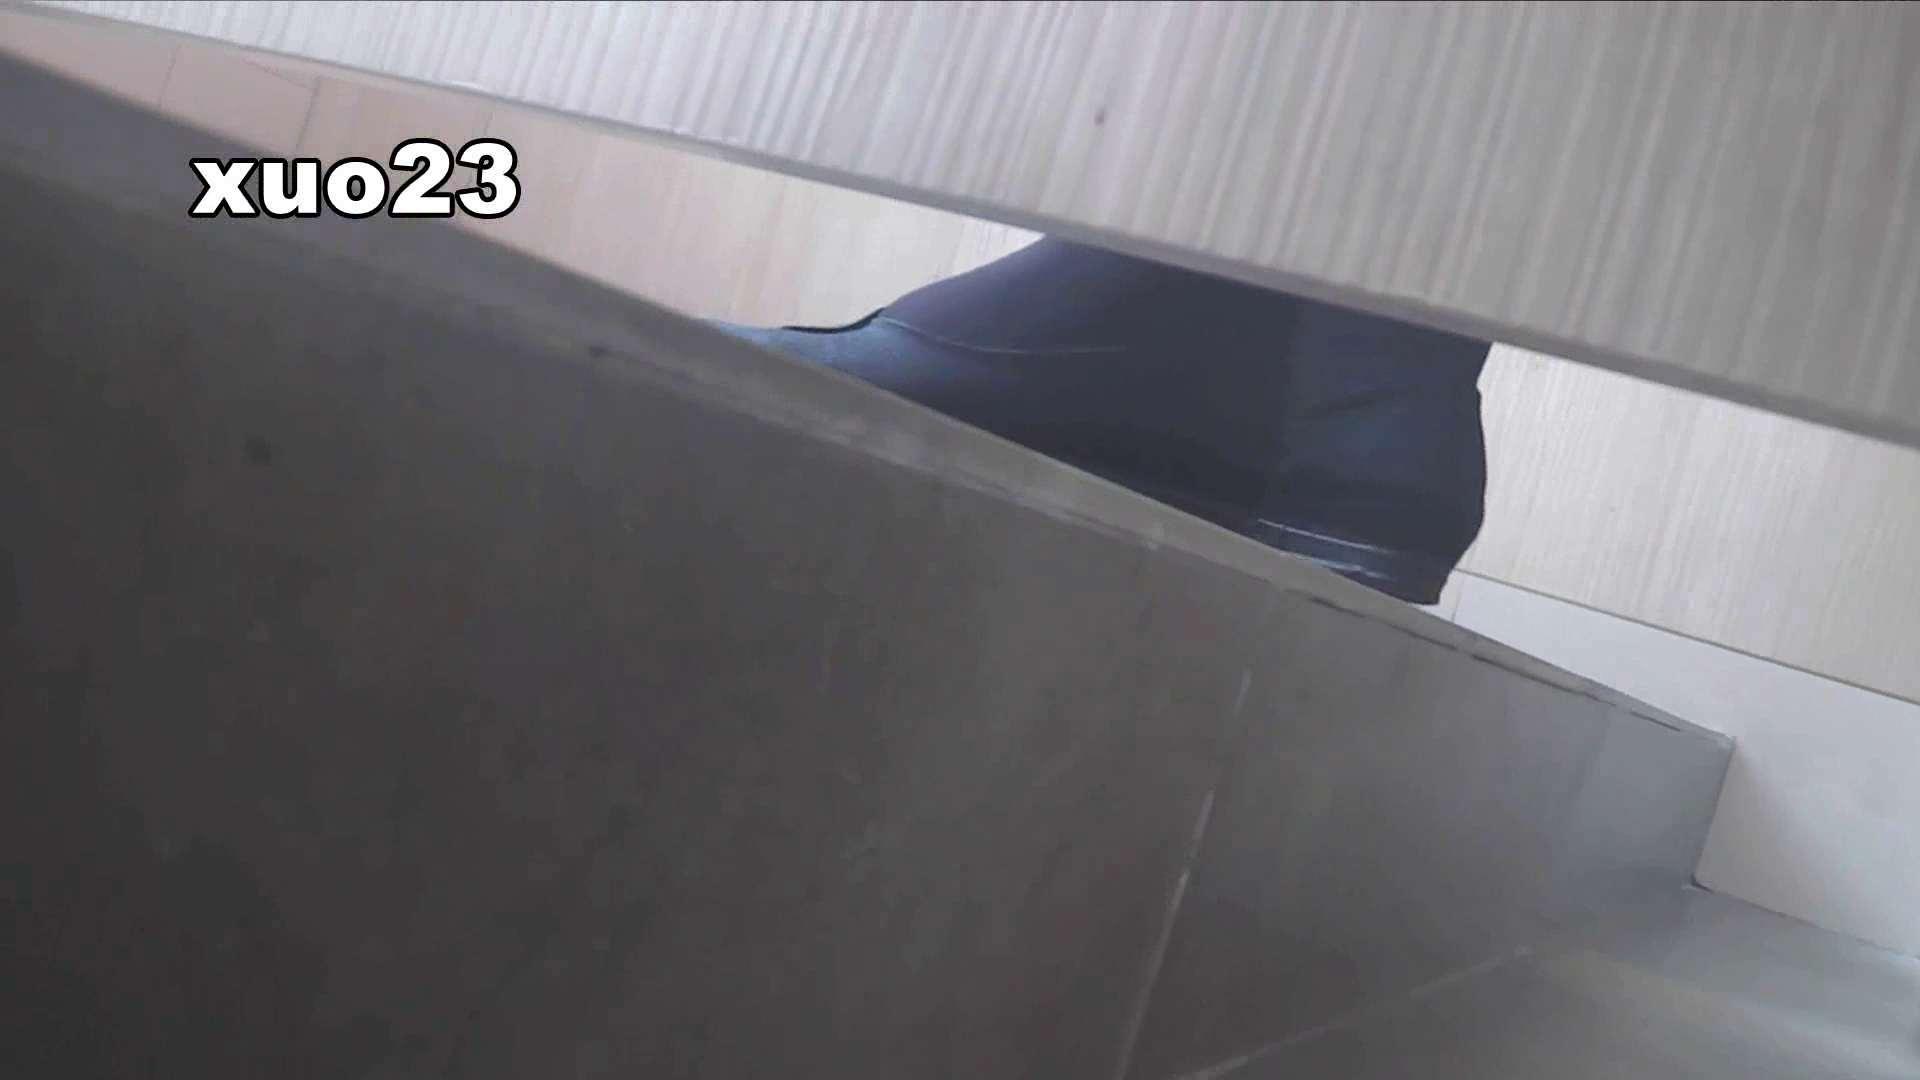 阿国ちゃんの「和式洋式七変化」No.23 飛び出す勢いで大きく8回振ります 和式で・・・   盛合せ 盗撮 75画像 31